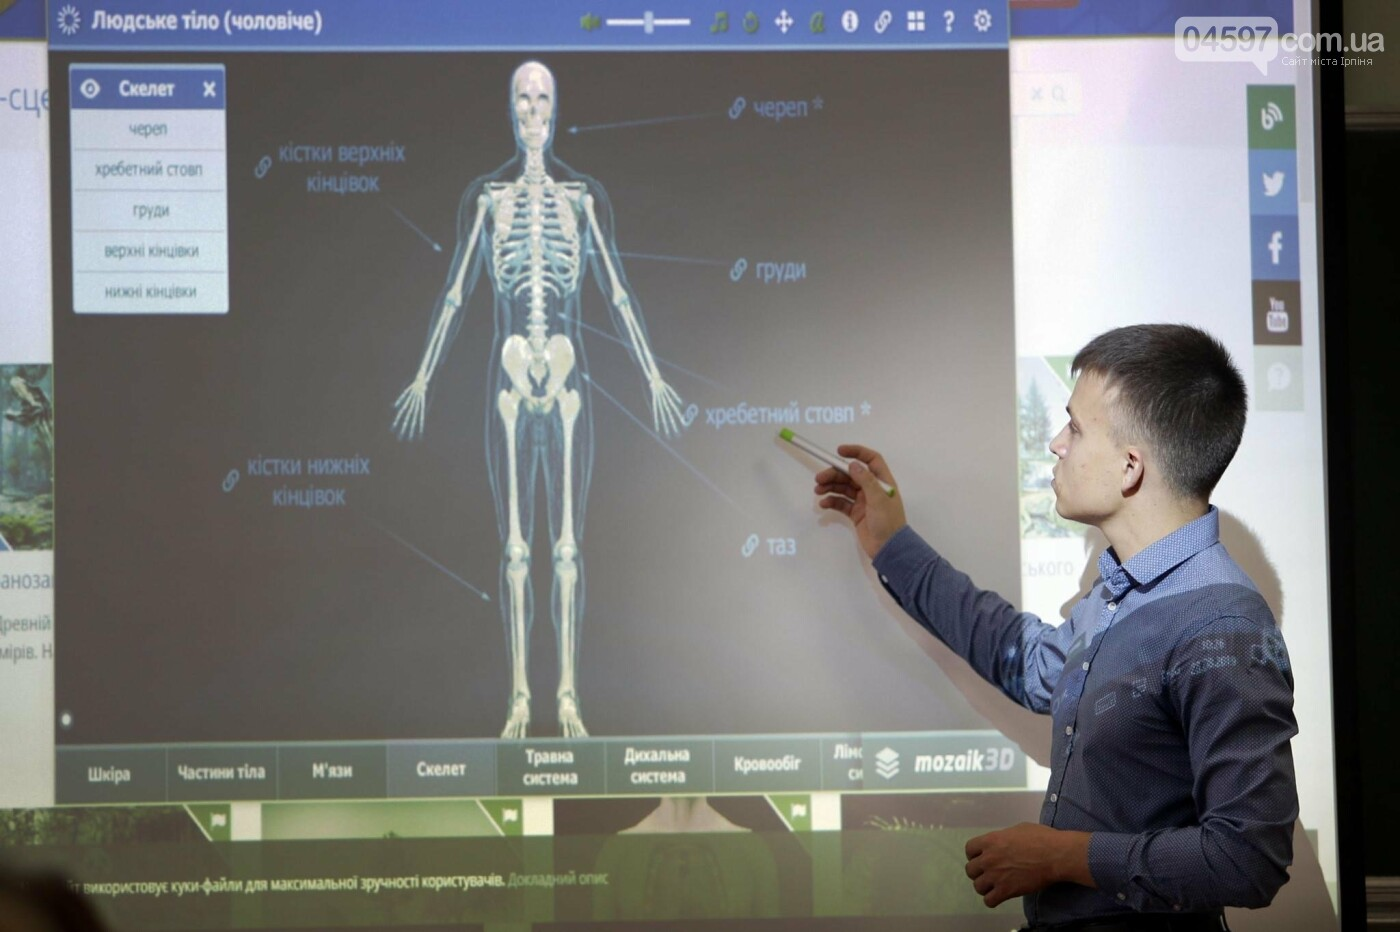 Ірпінські школи отримали інтерактивні навчальні комплекти, фото-1